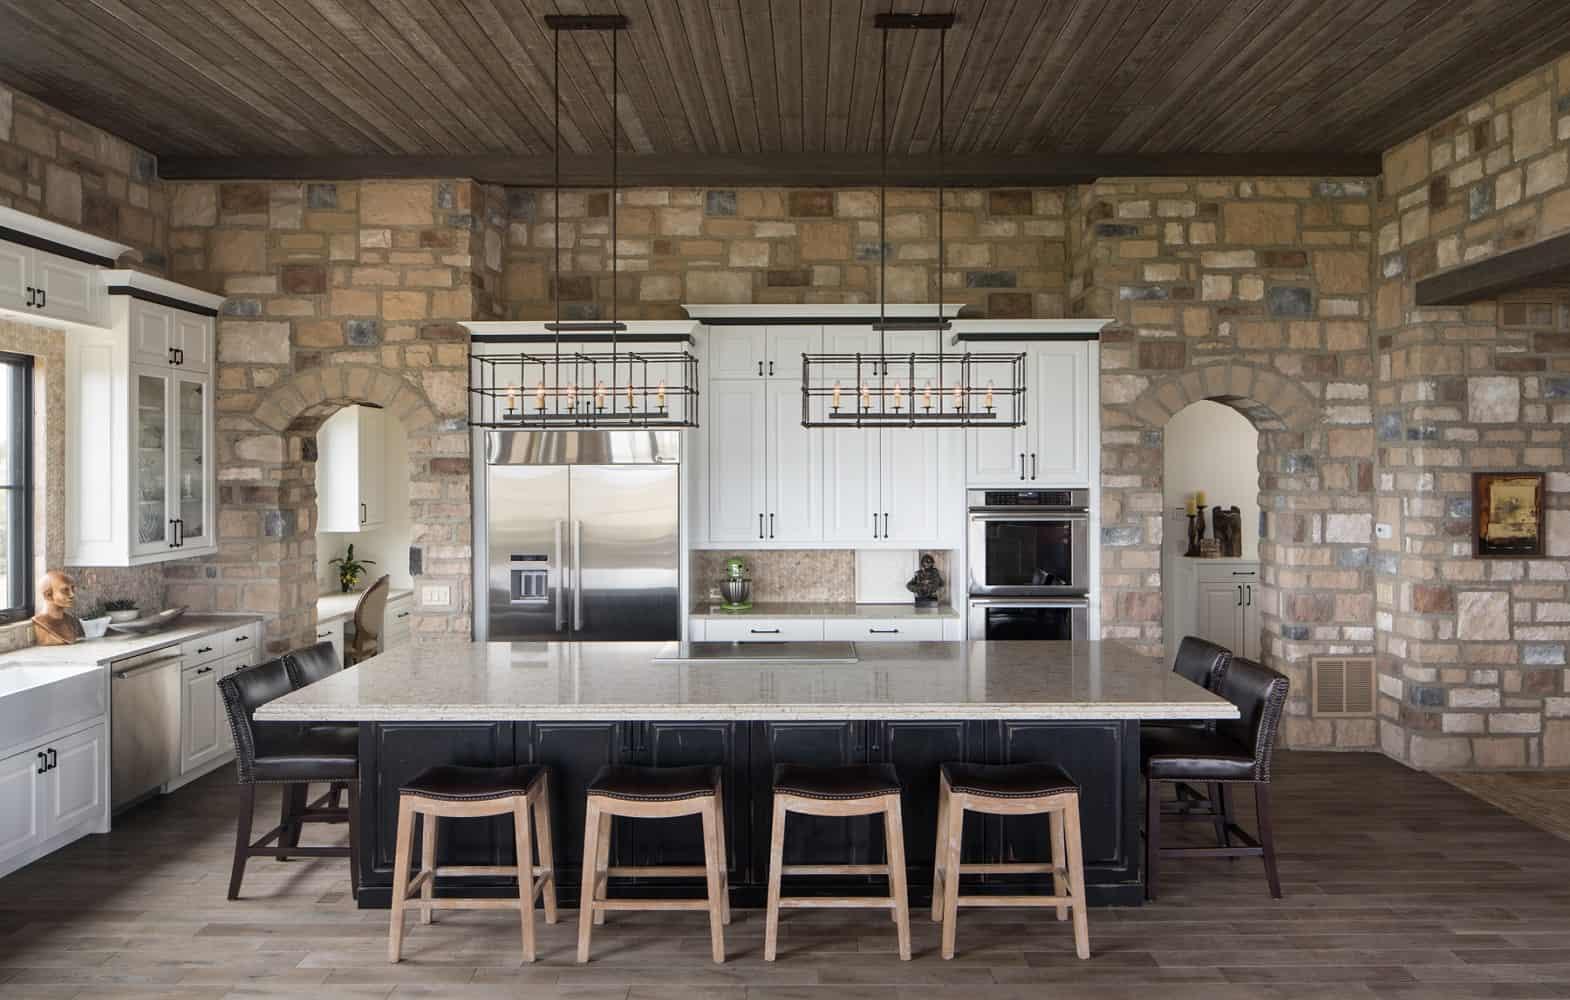 Fairfax - Cherry Hills Village Duet Design Group Colorado